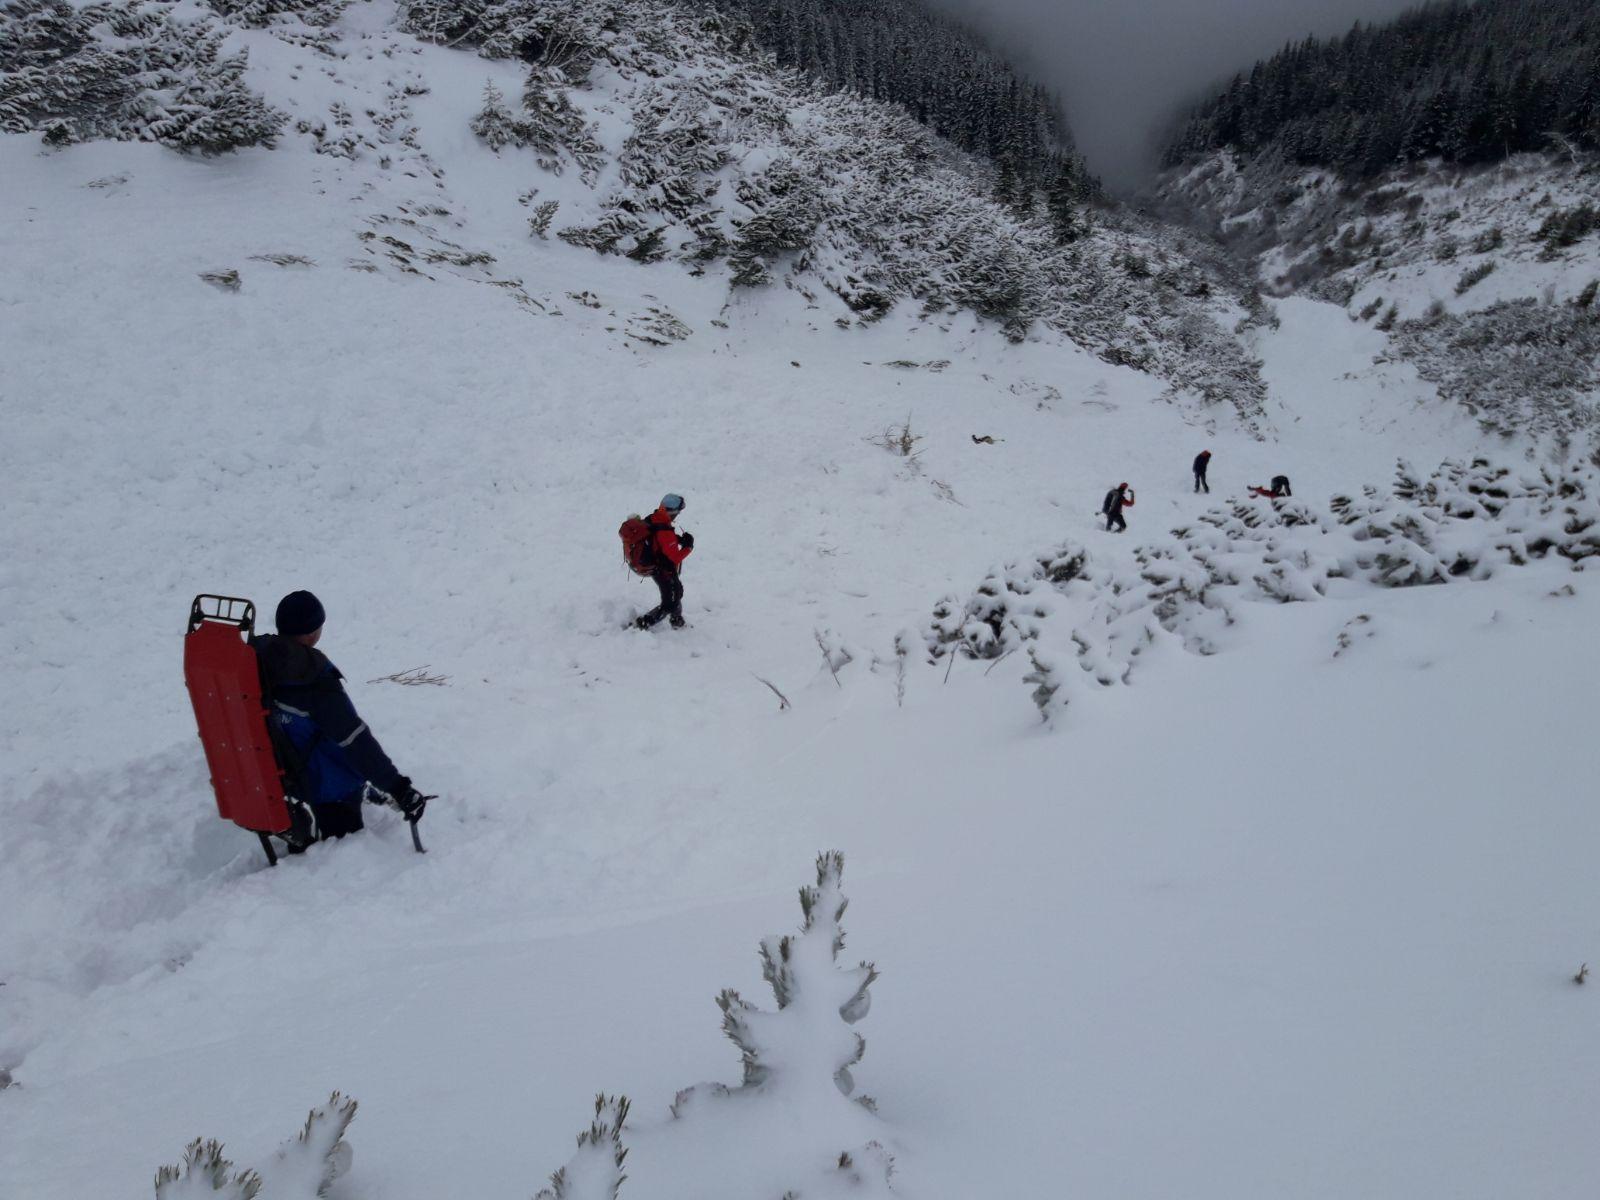 Atenţie, turişti! Risc mare de producere a avalanşelor în Munţii Făgăraş şi în Bucegi